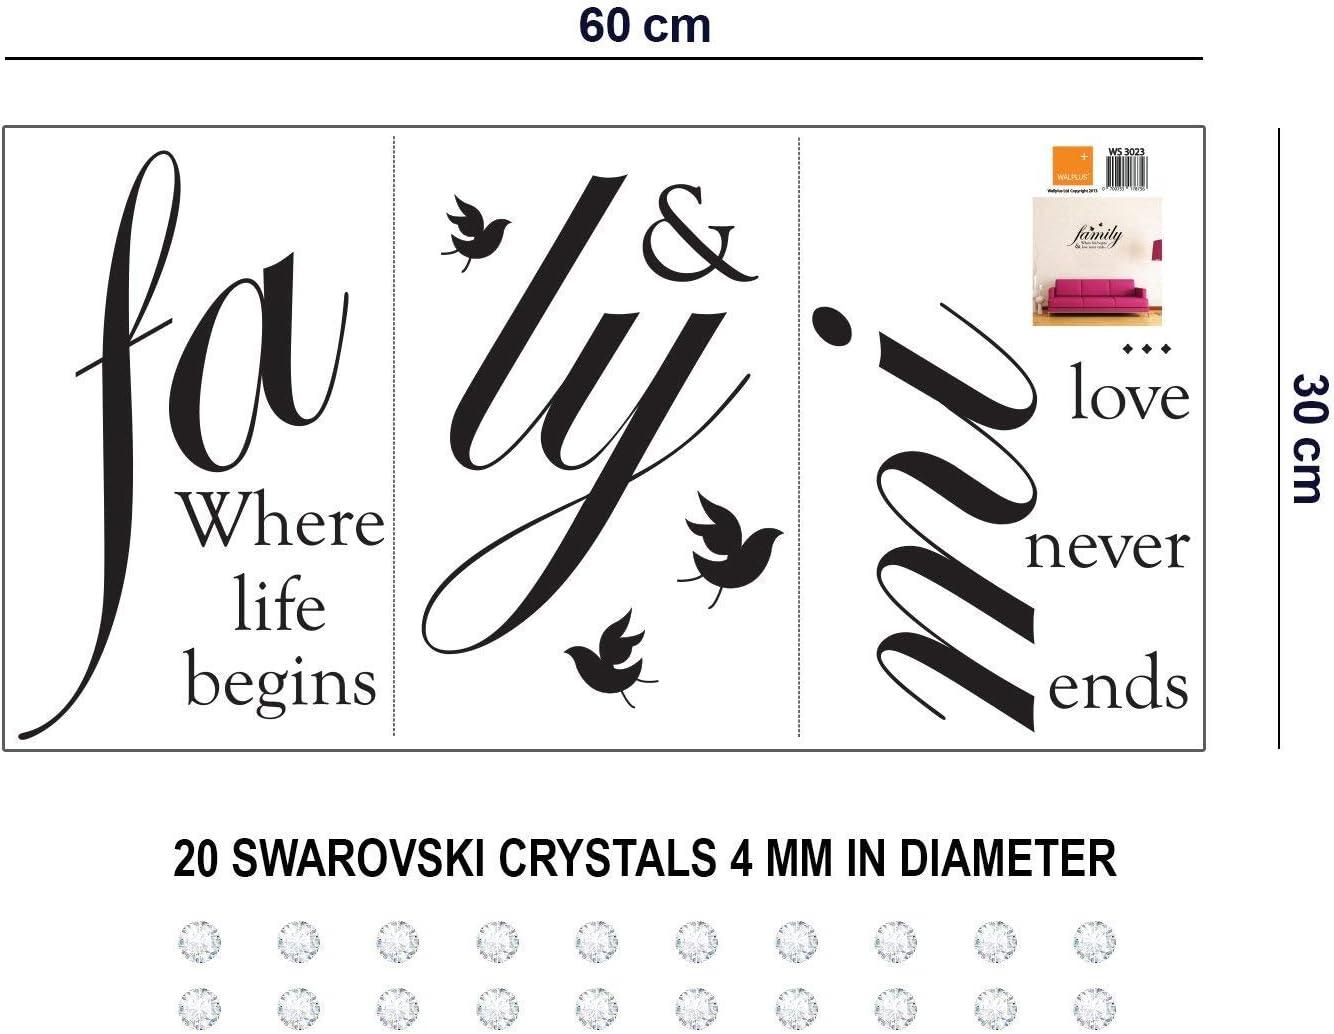 Wallflexi Stickers muraux Cristaux Swarovski /& Famille Citations Stickers muraux D/écoration Salon Chambre denfant Restaurant Cafe Bureau D/écor